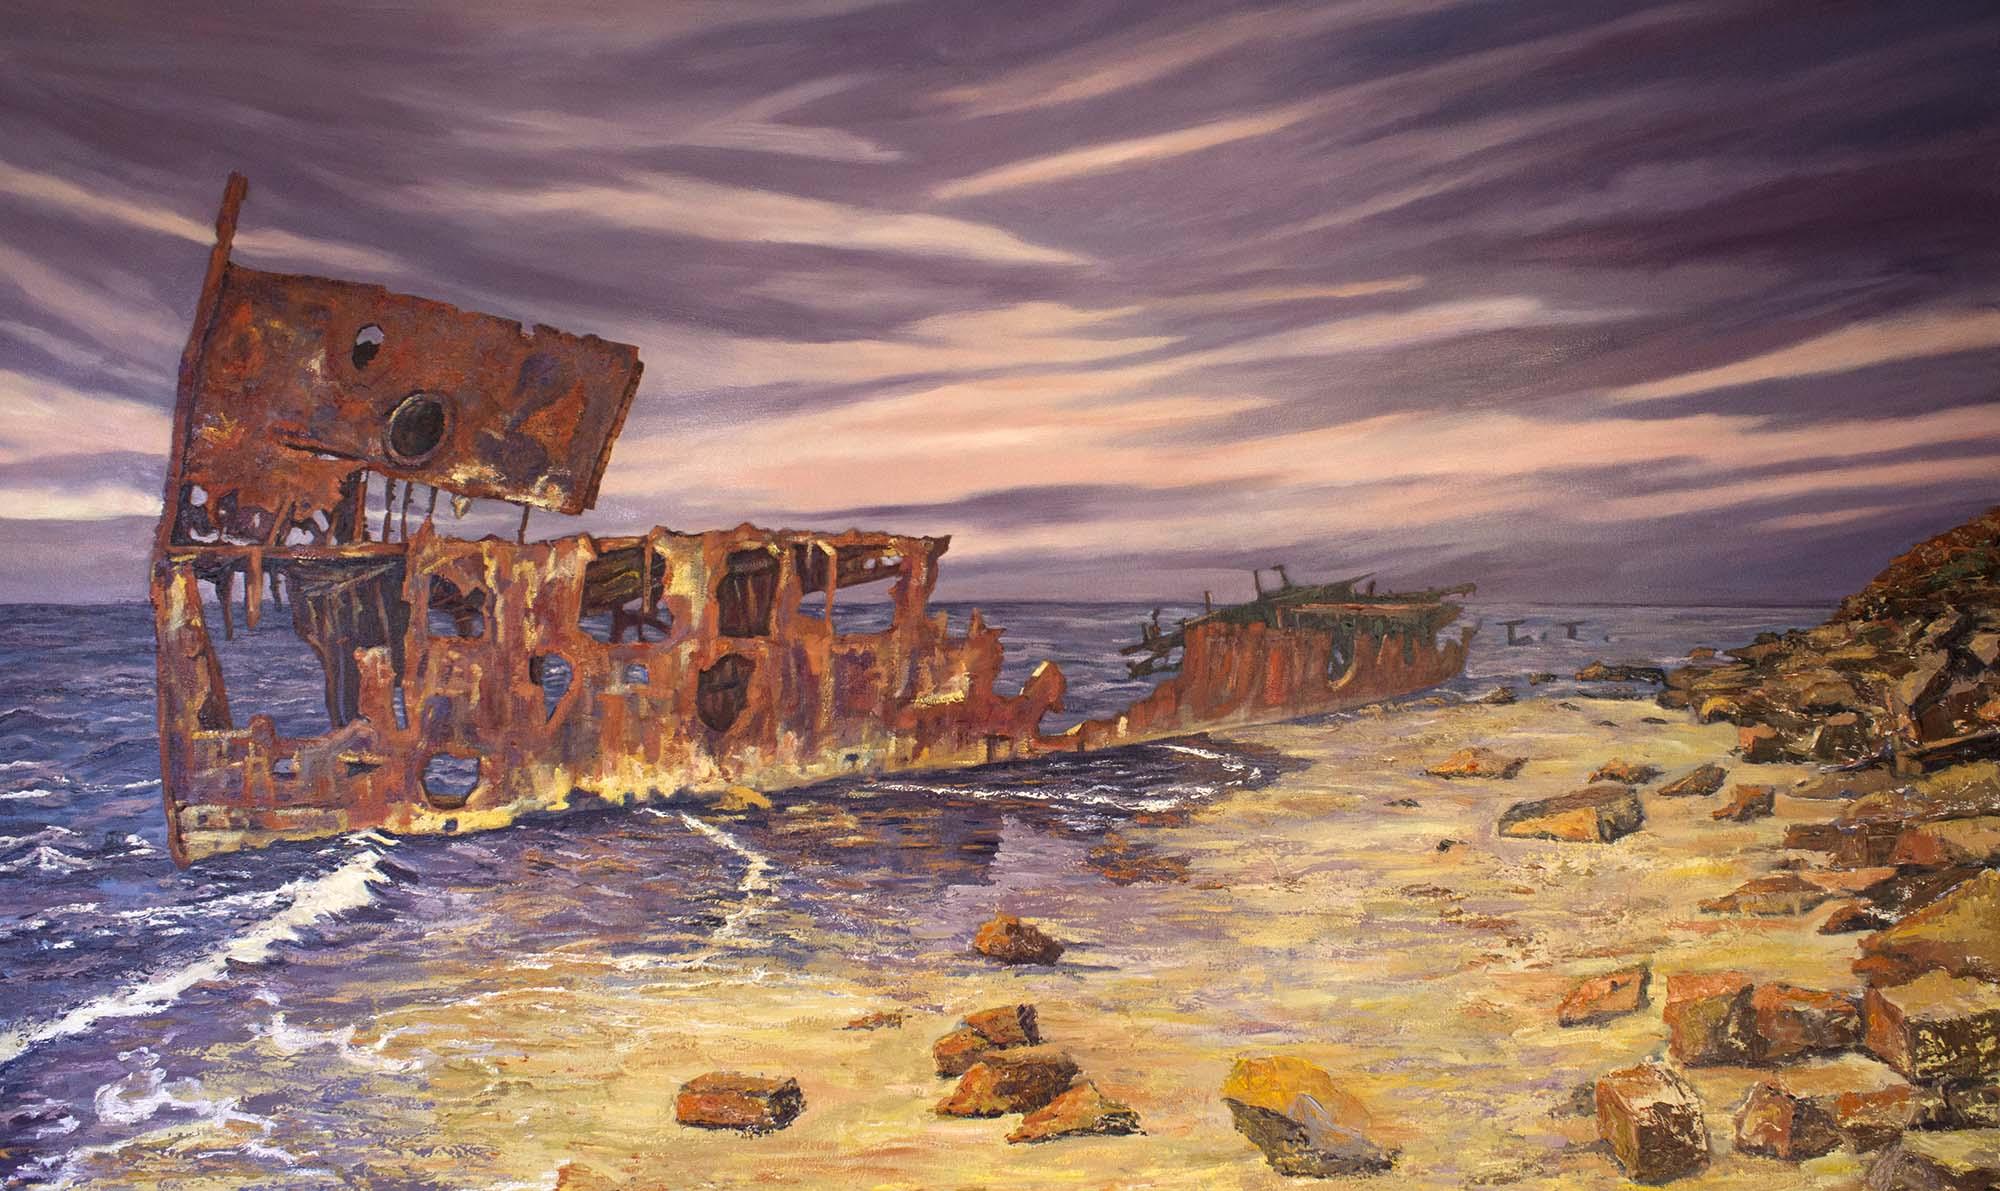 weebly-gayundah-on-the-beach-img_5455